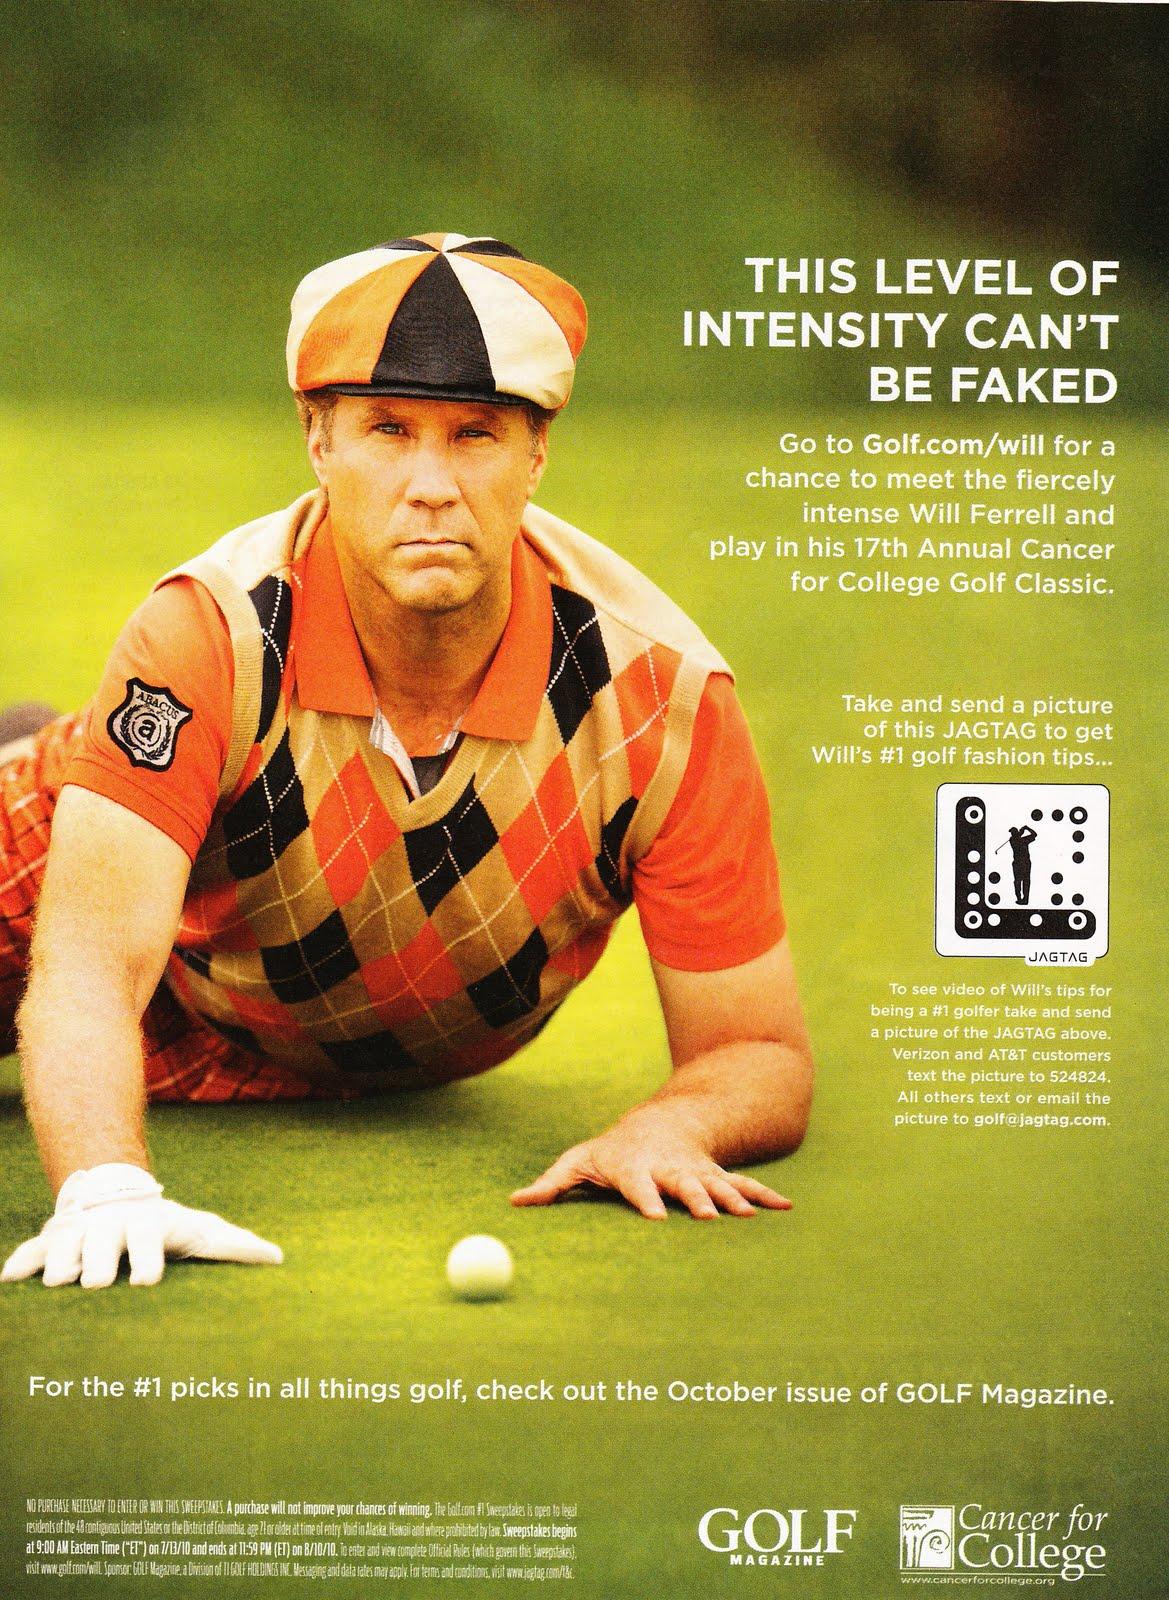 golfjagtag.jpg